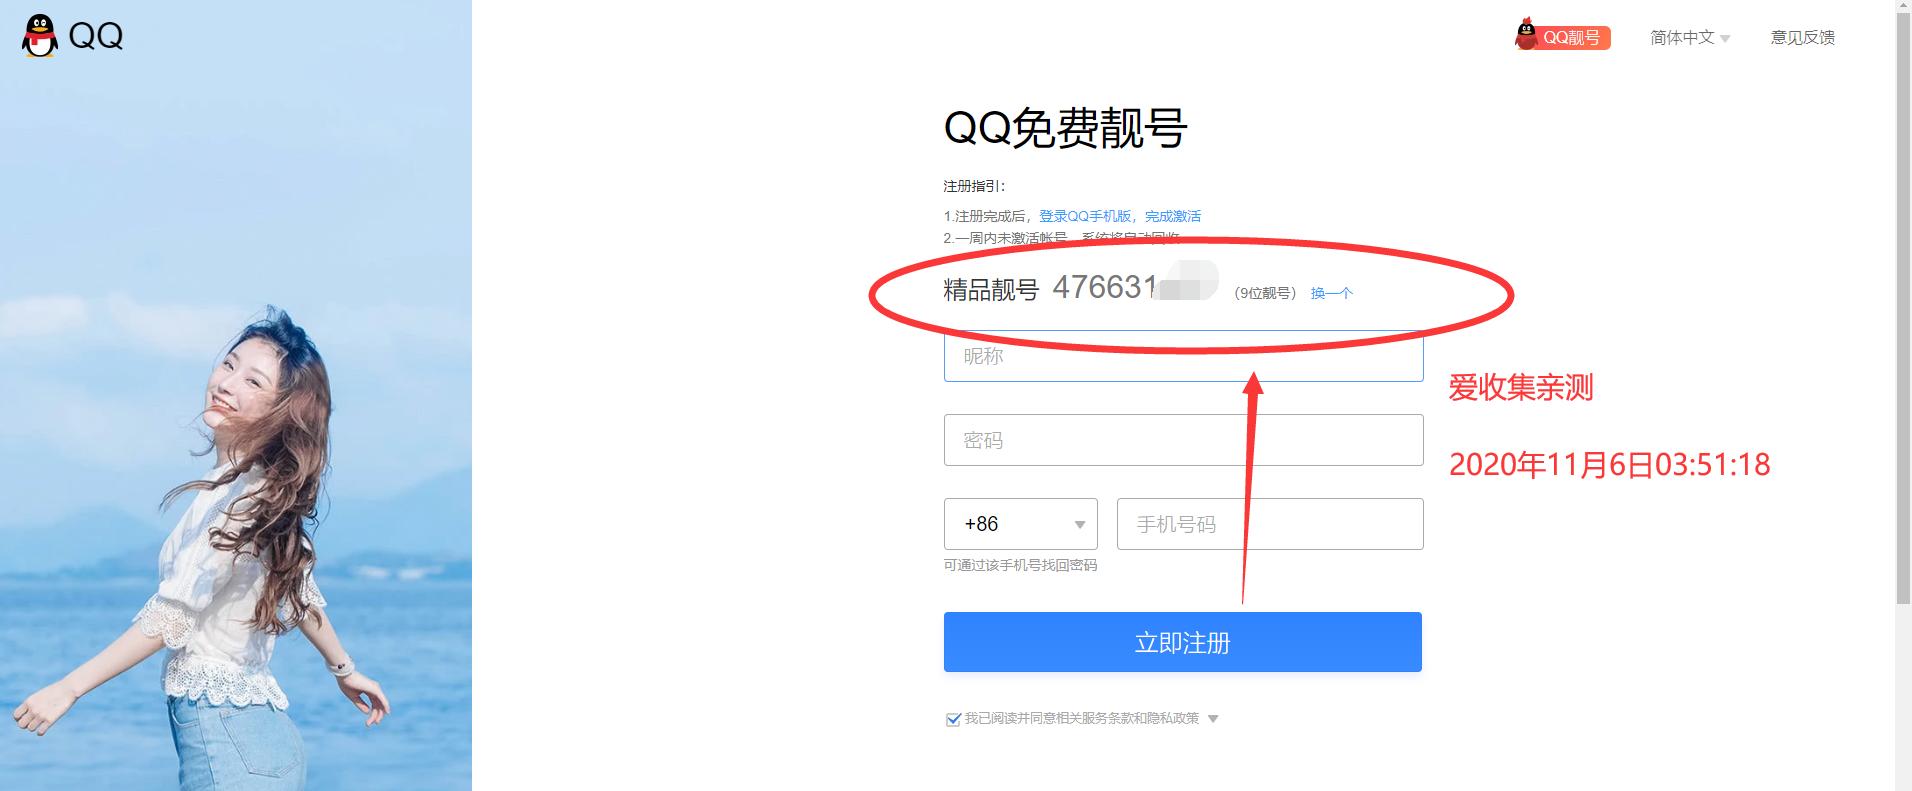 腾讯免费申请9位数QQ靓号